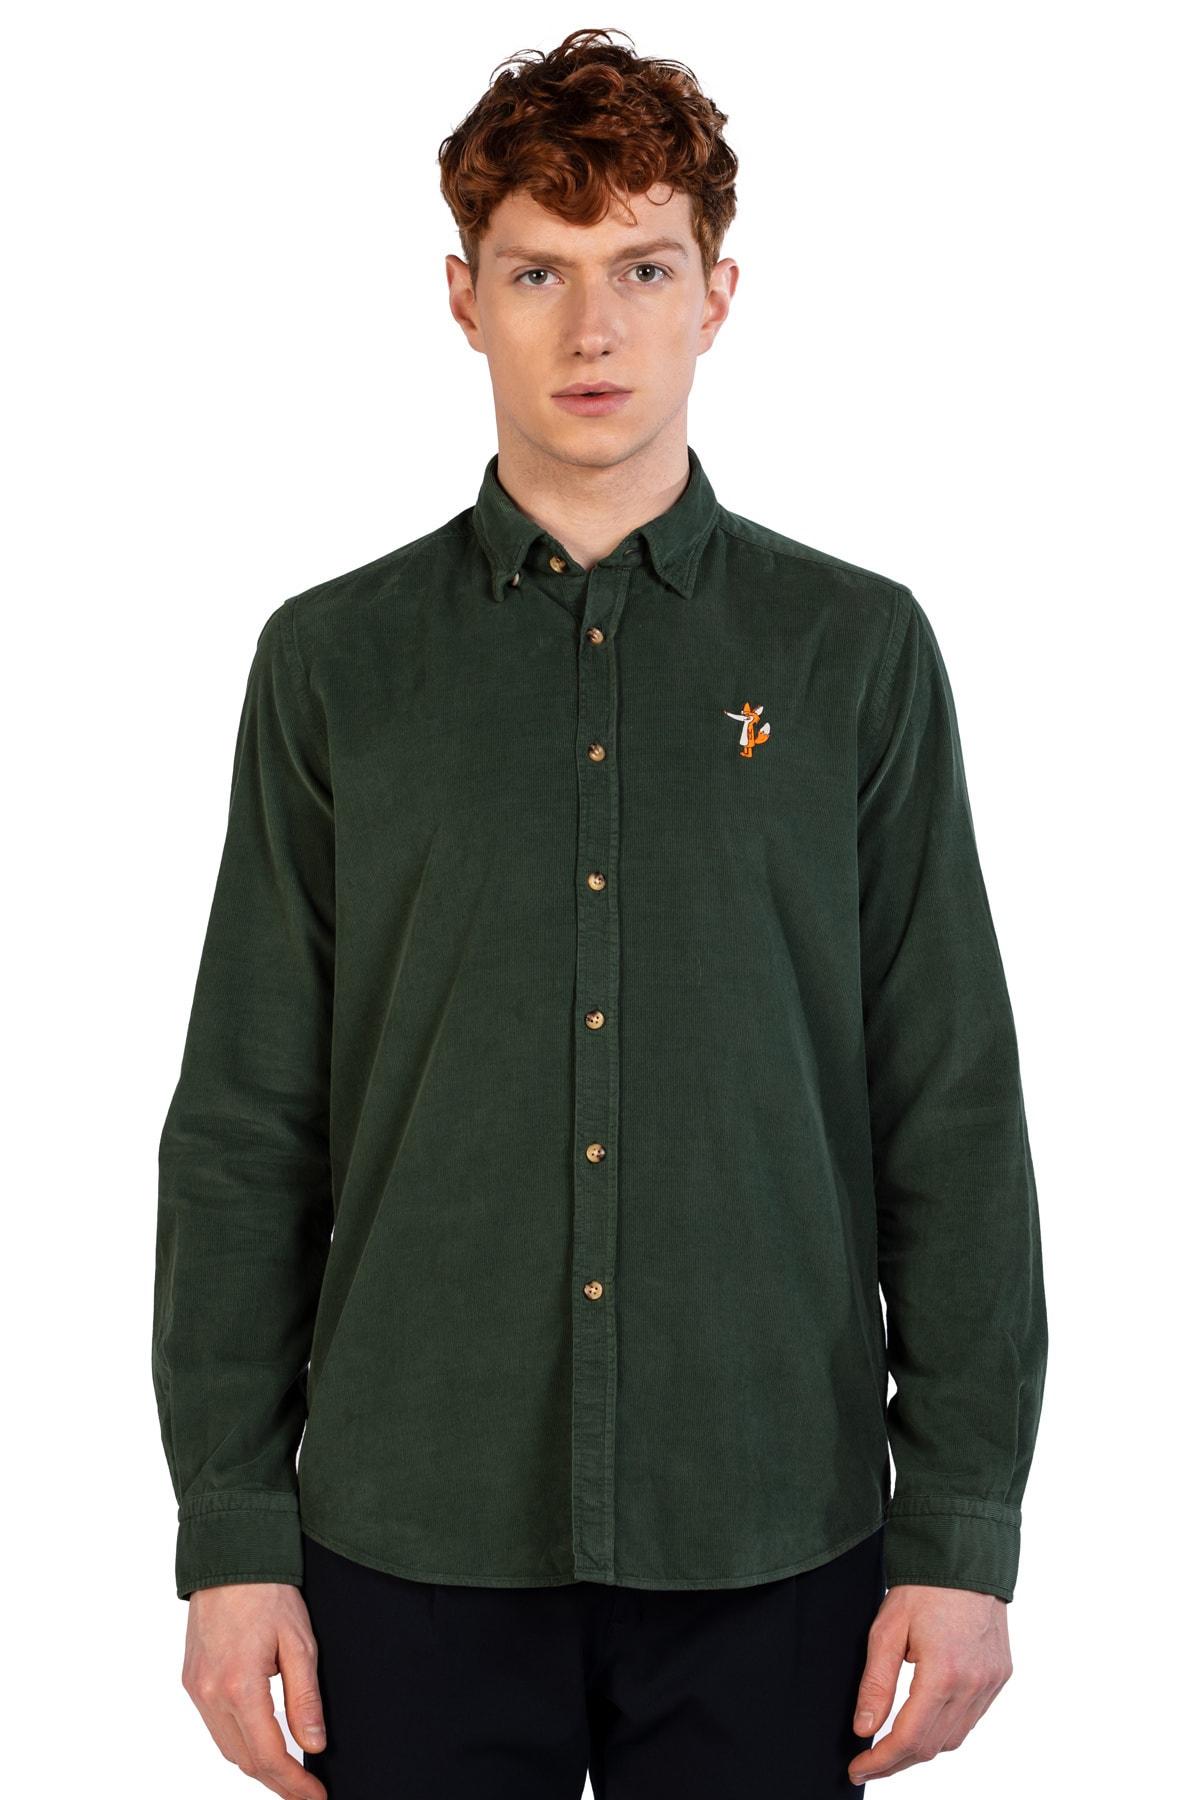 Ruck & Maul Erkek Yeşil Düz Yaka % 100 Pamuk Gömlek Ba1m0200071 21184 2